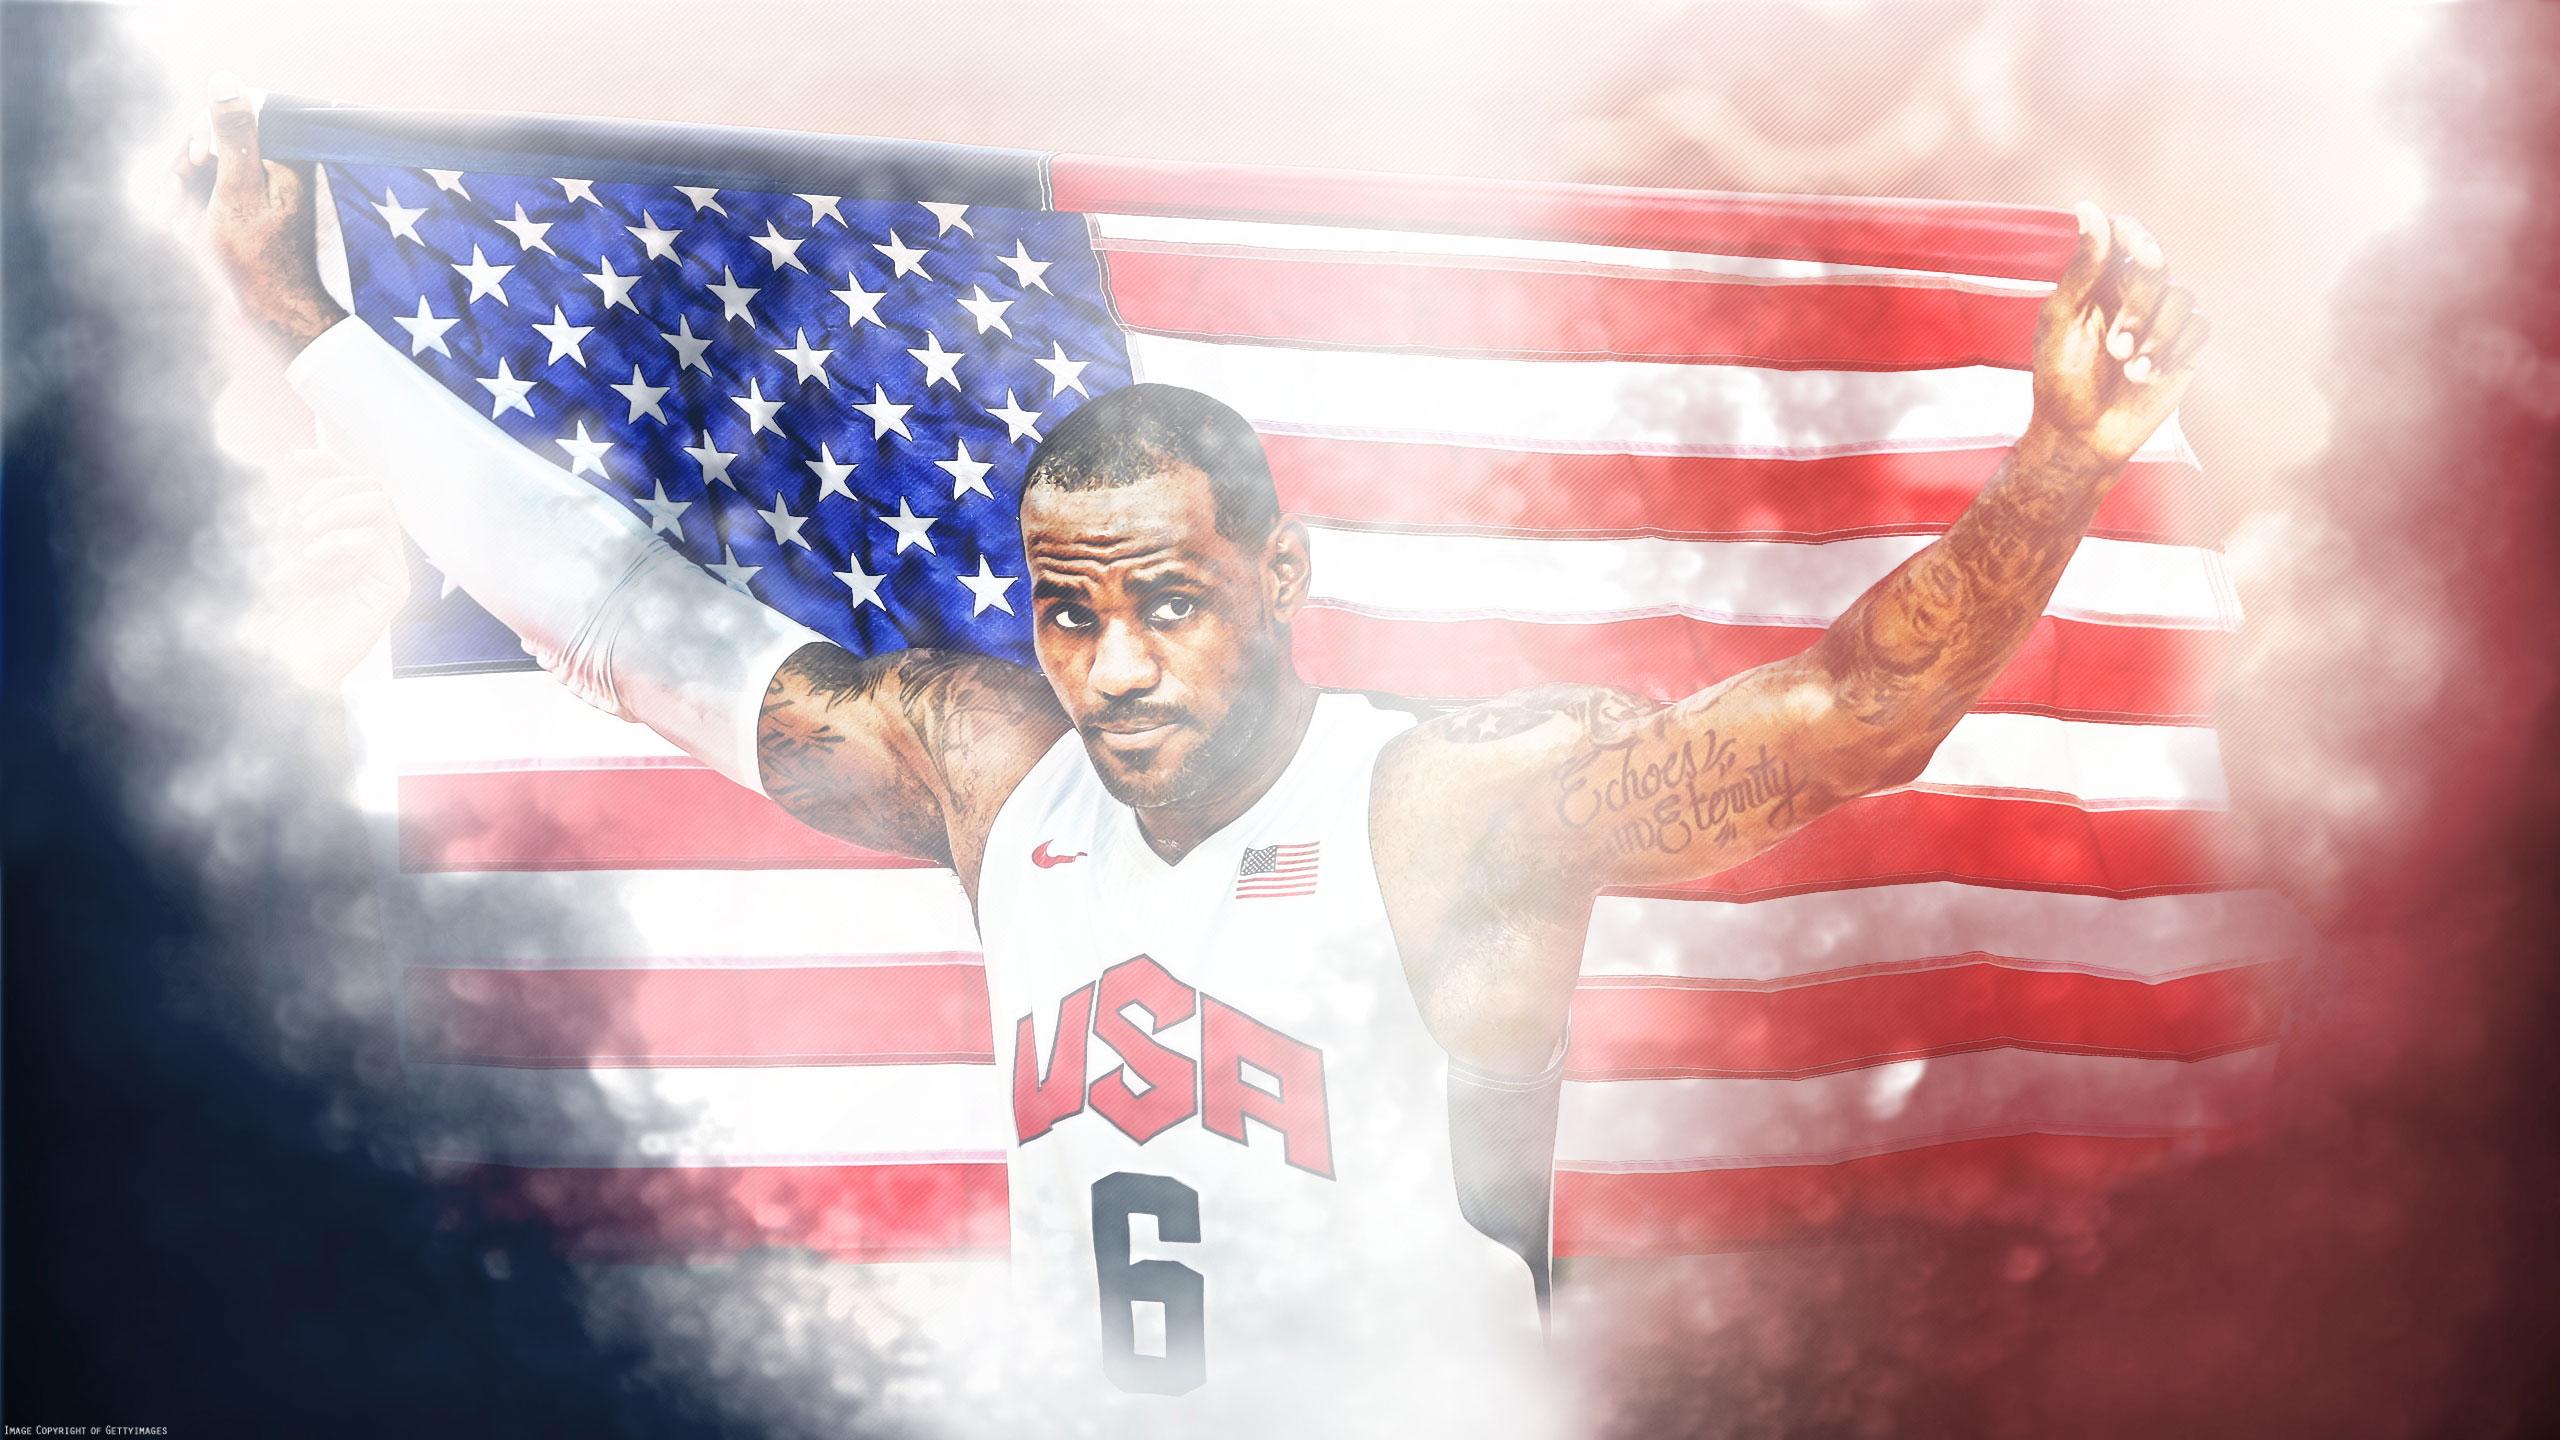 LeBron James London 2012 USA Flag 25601440 Wallpaper Basketball 2560x1440